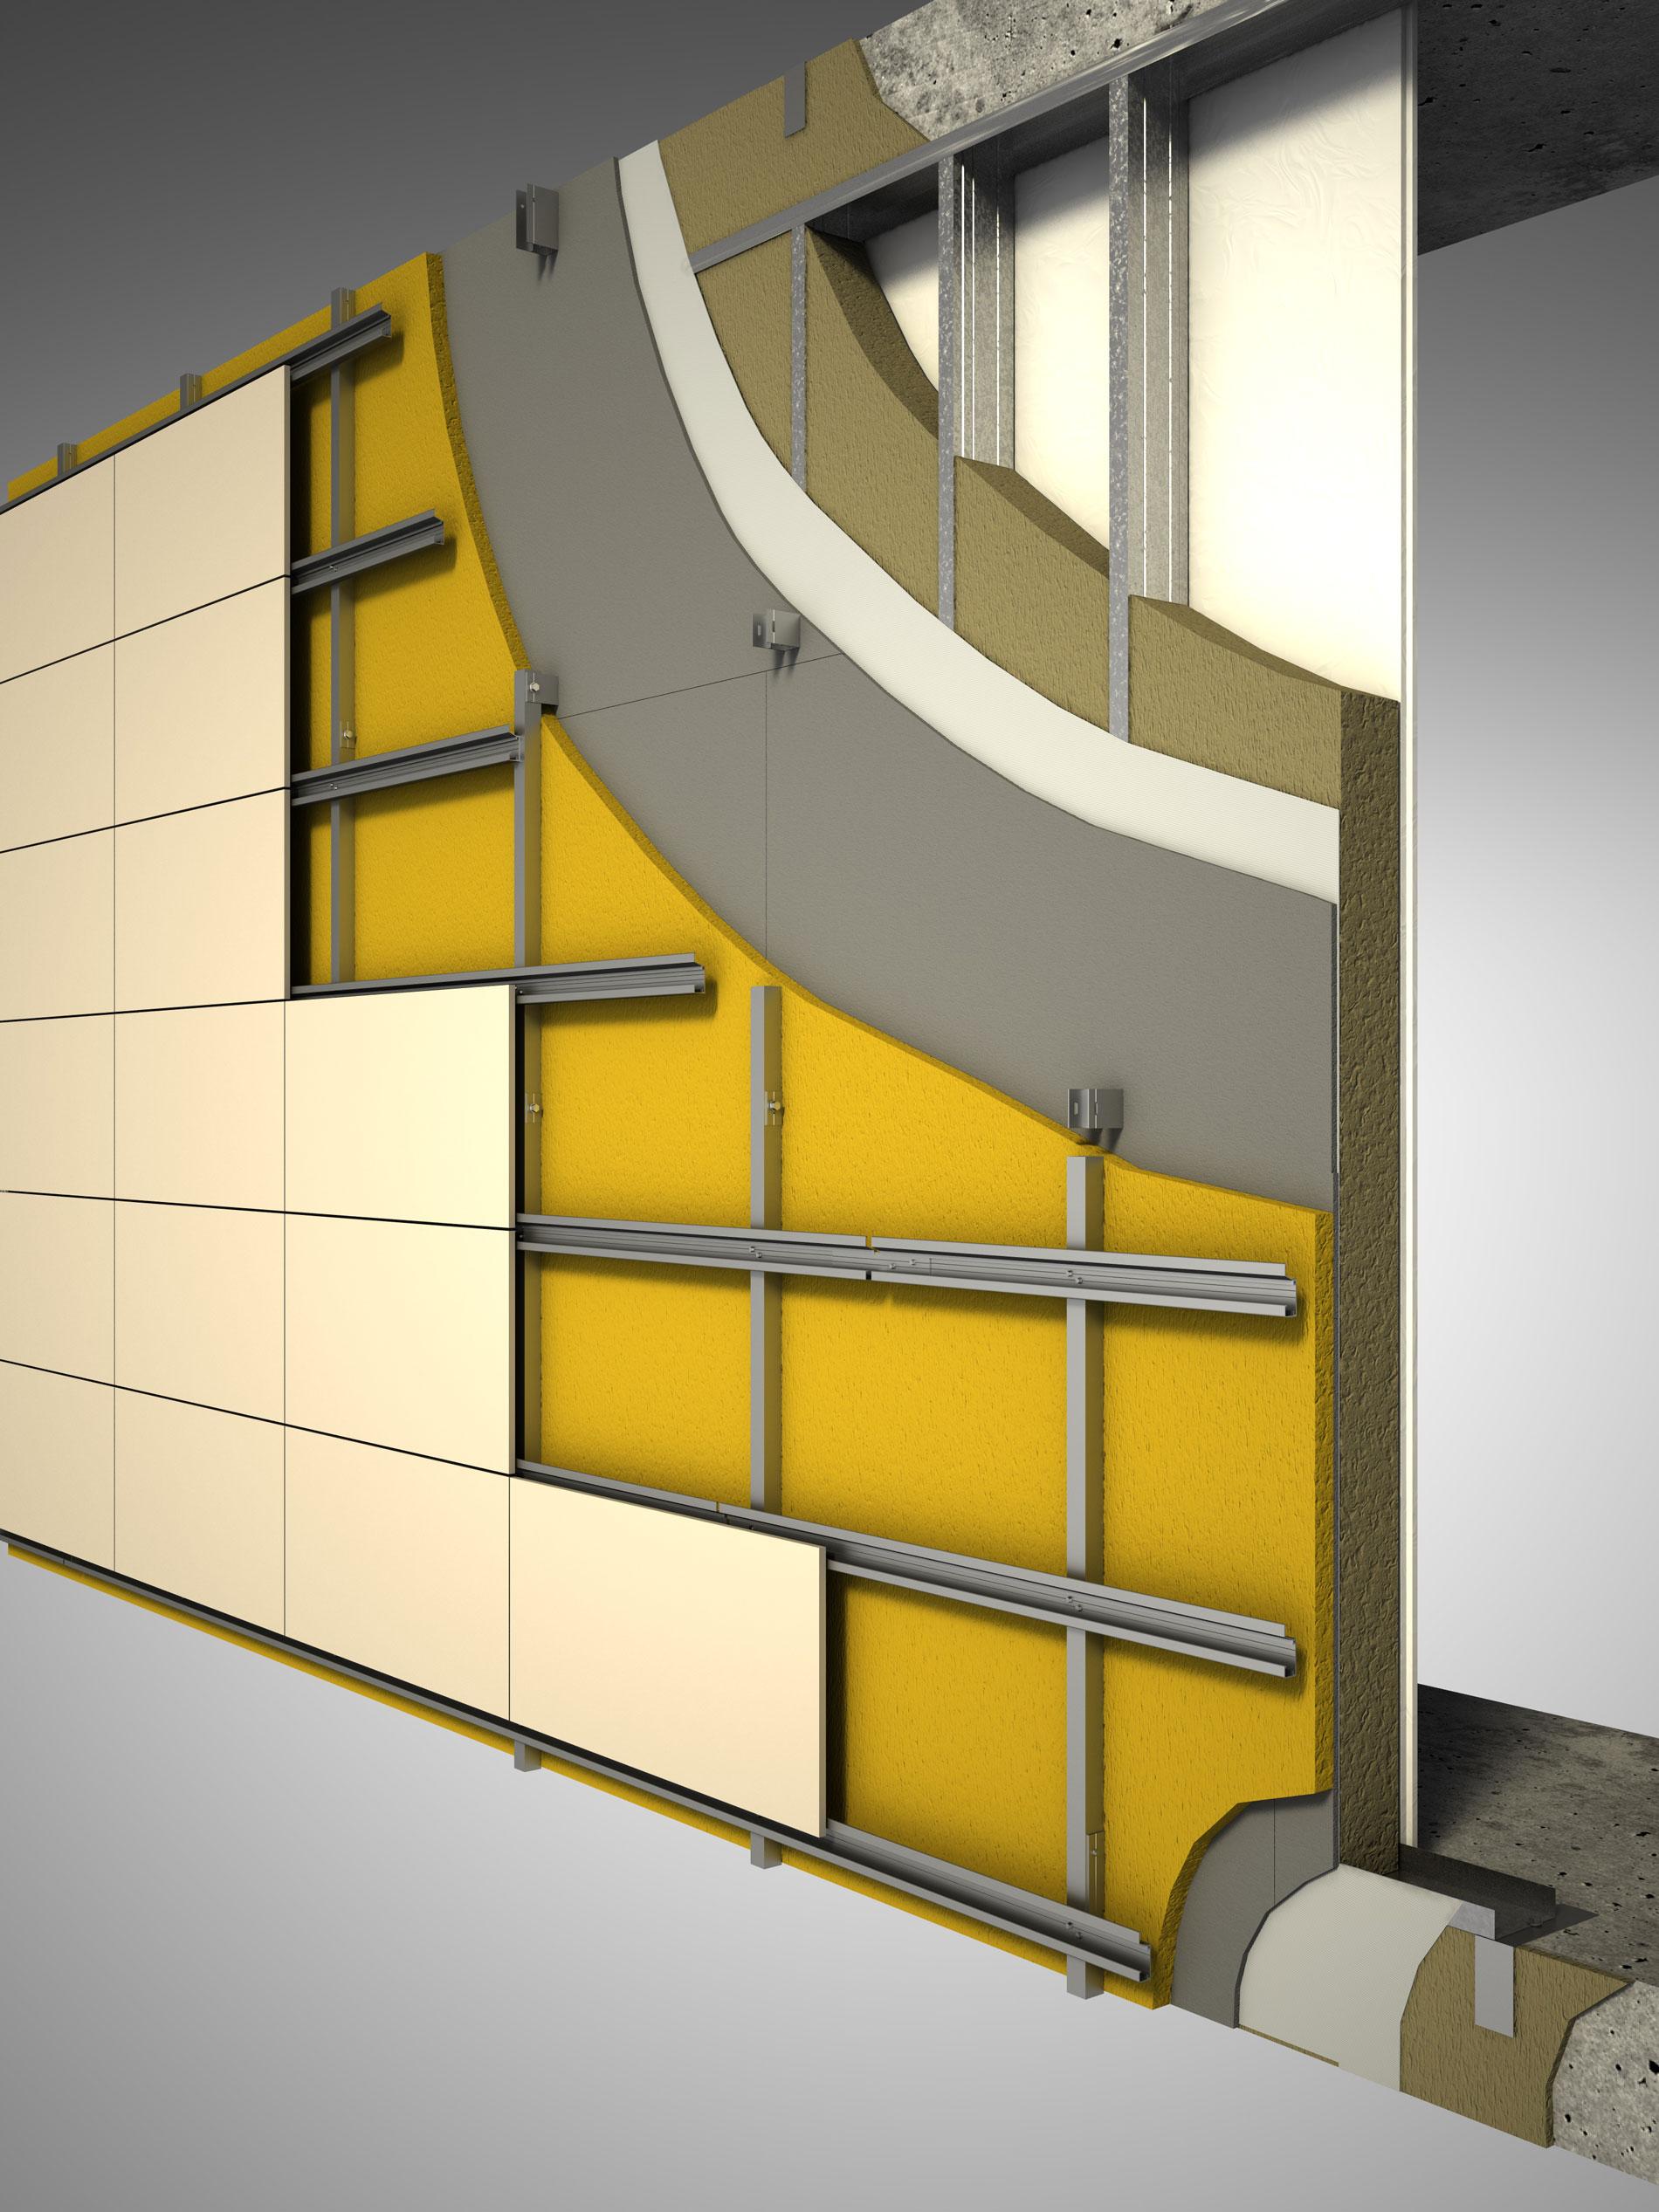 Favenk fachada ventilada - Fachadas ventiladas precios ...